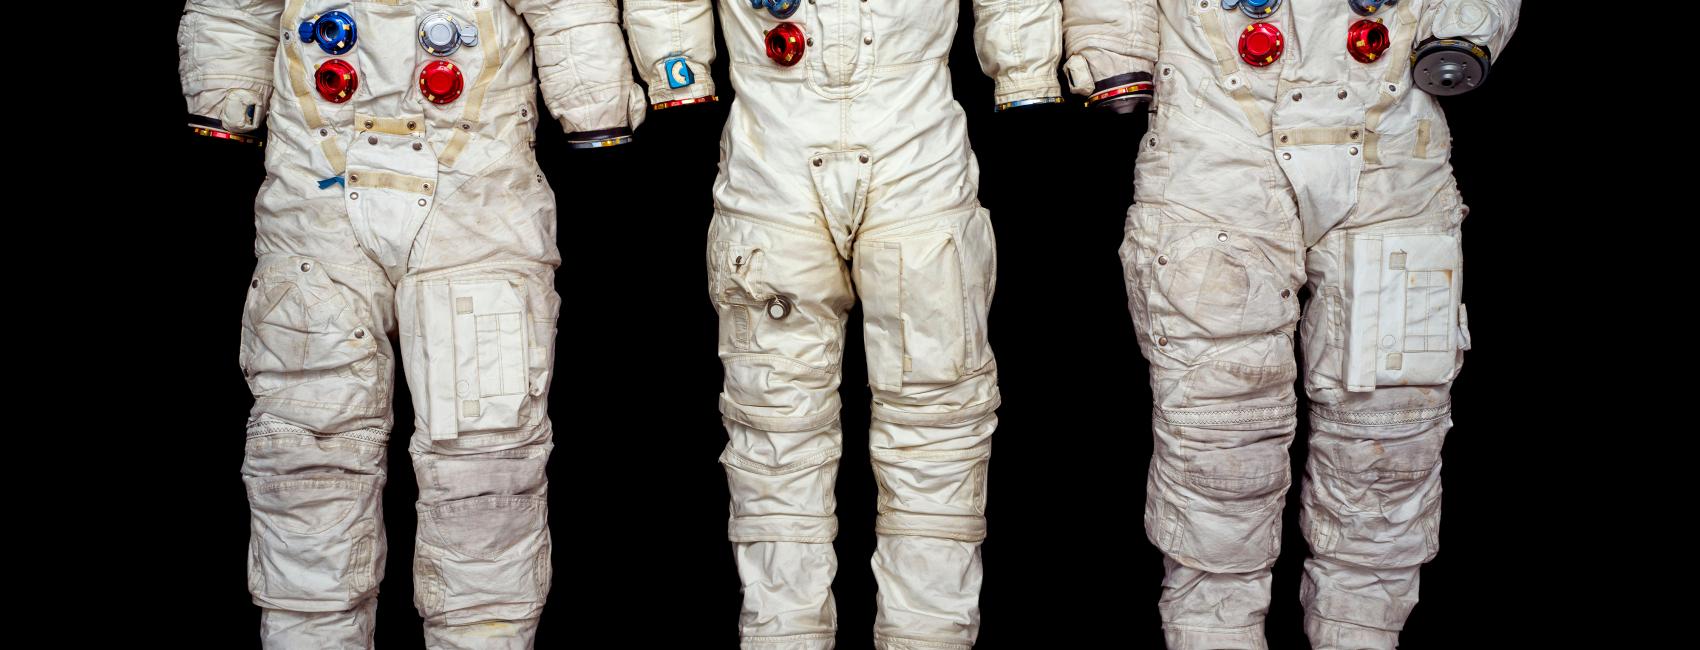 three white Apollo spacesuits